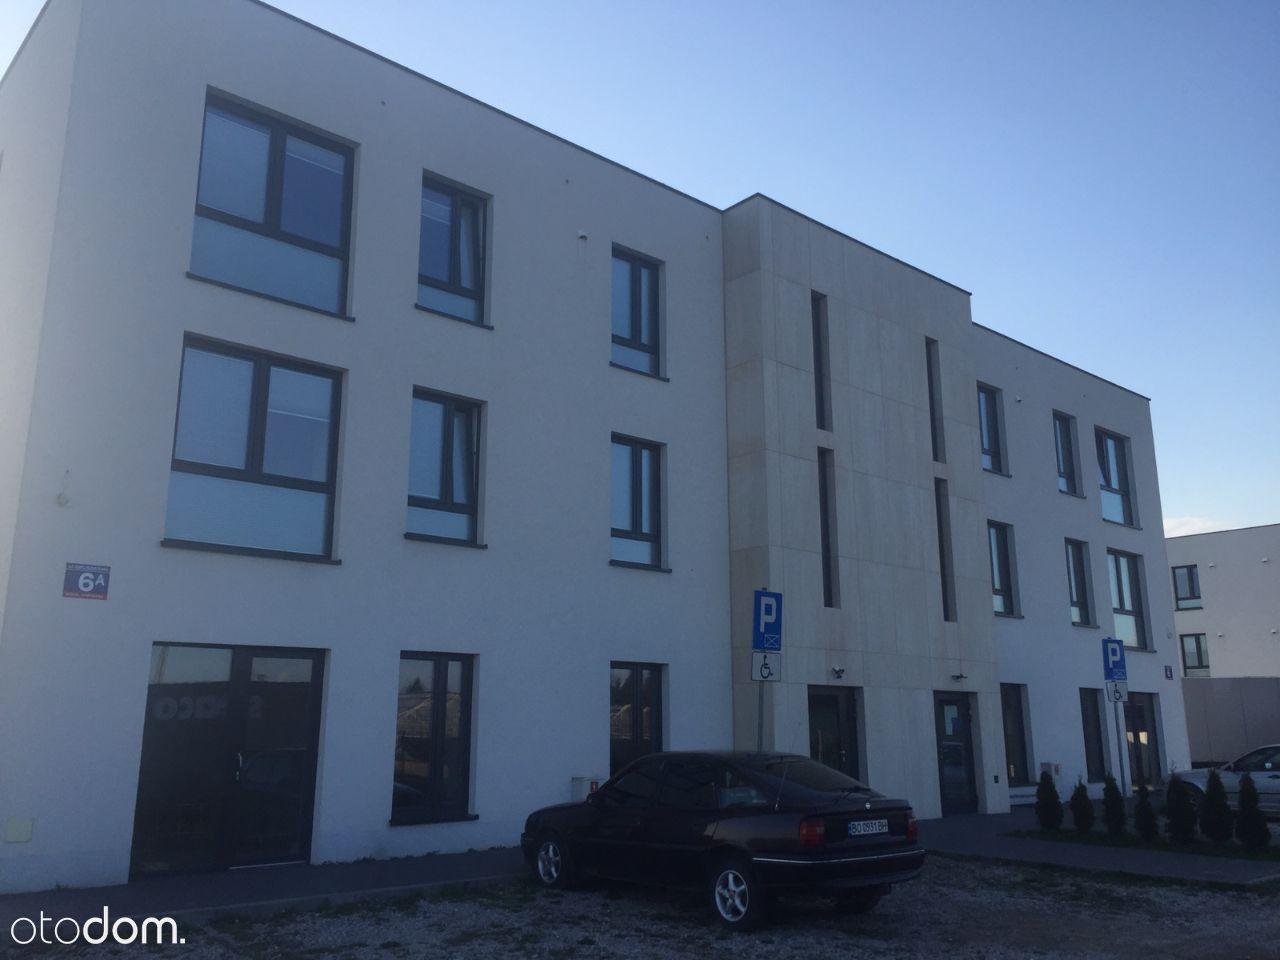 Lokal użytkowy, 705 m², Wólka Kosowska